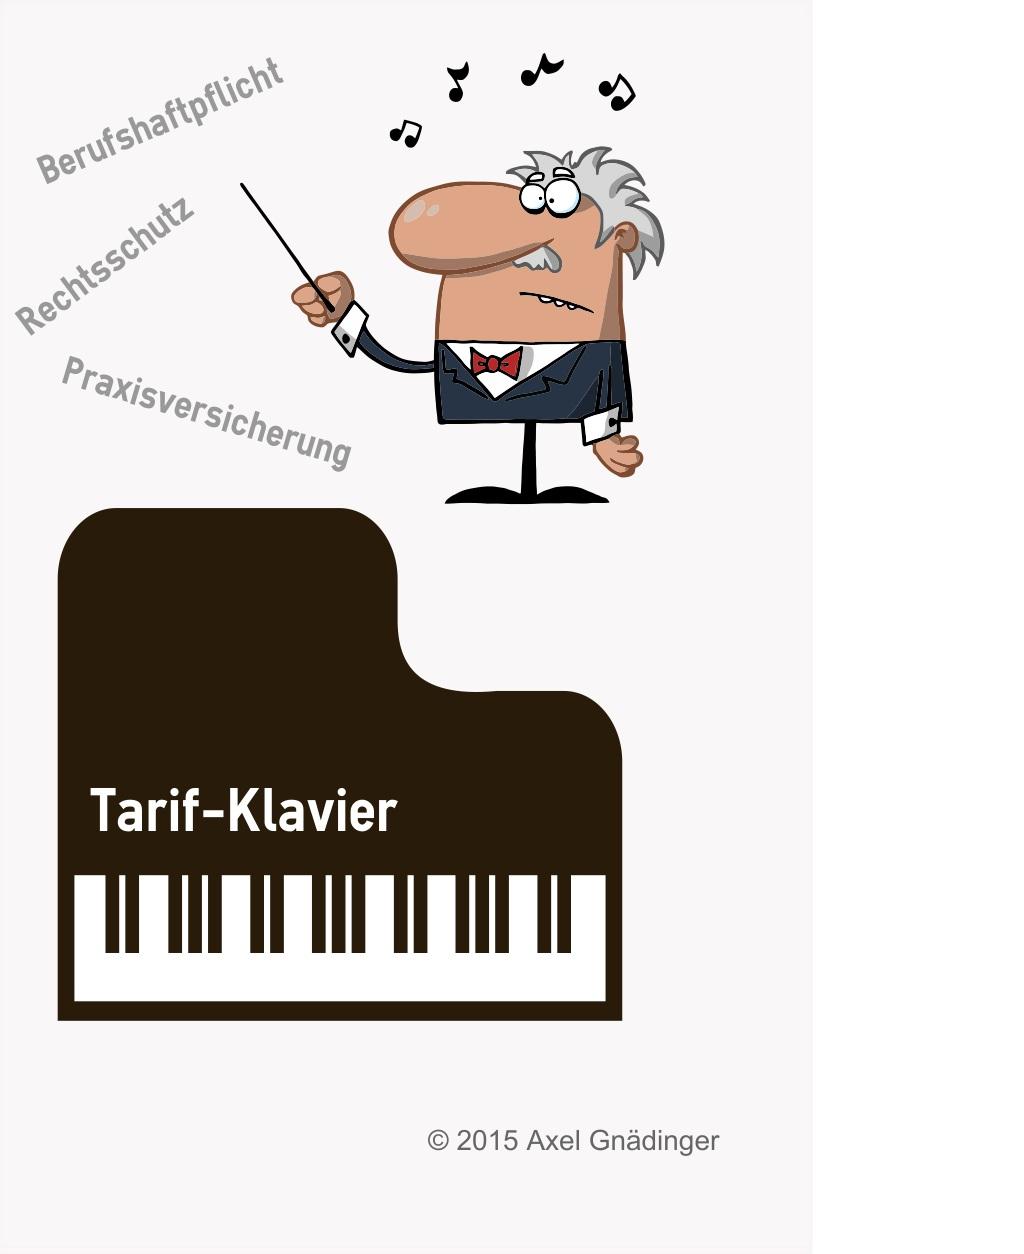 versicherungs-tarif-klavier